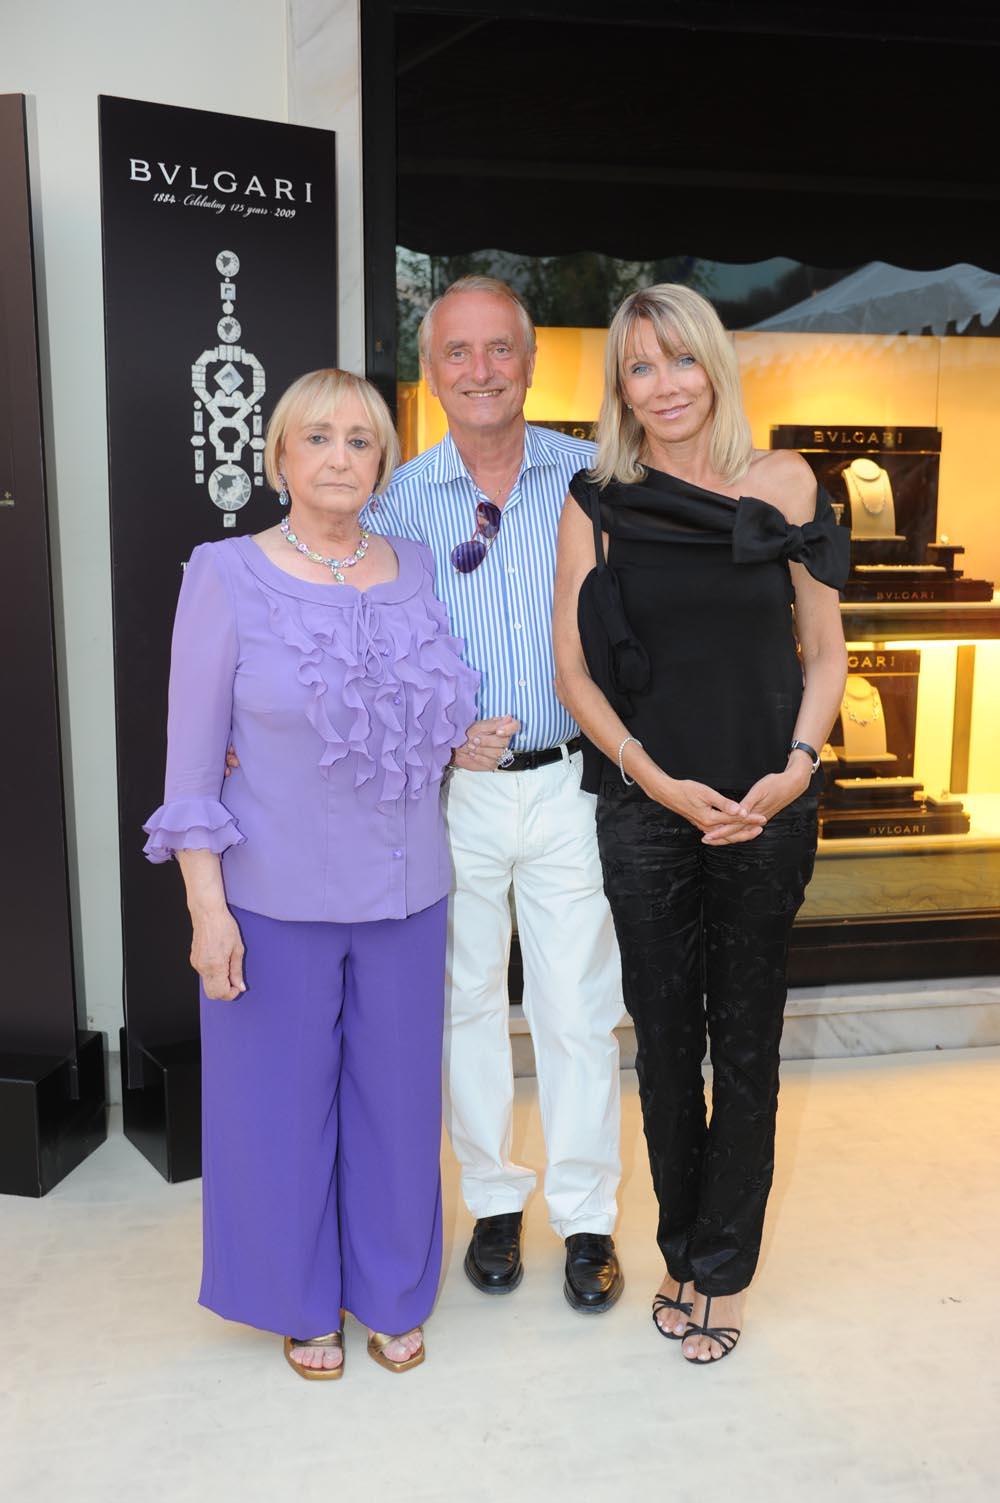 Forte dei Marmi  19 luglio 20009  festa e sfilata Bulgari da Cassetti  la signora Cassetti con Mario e Evelin Razzanelli